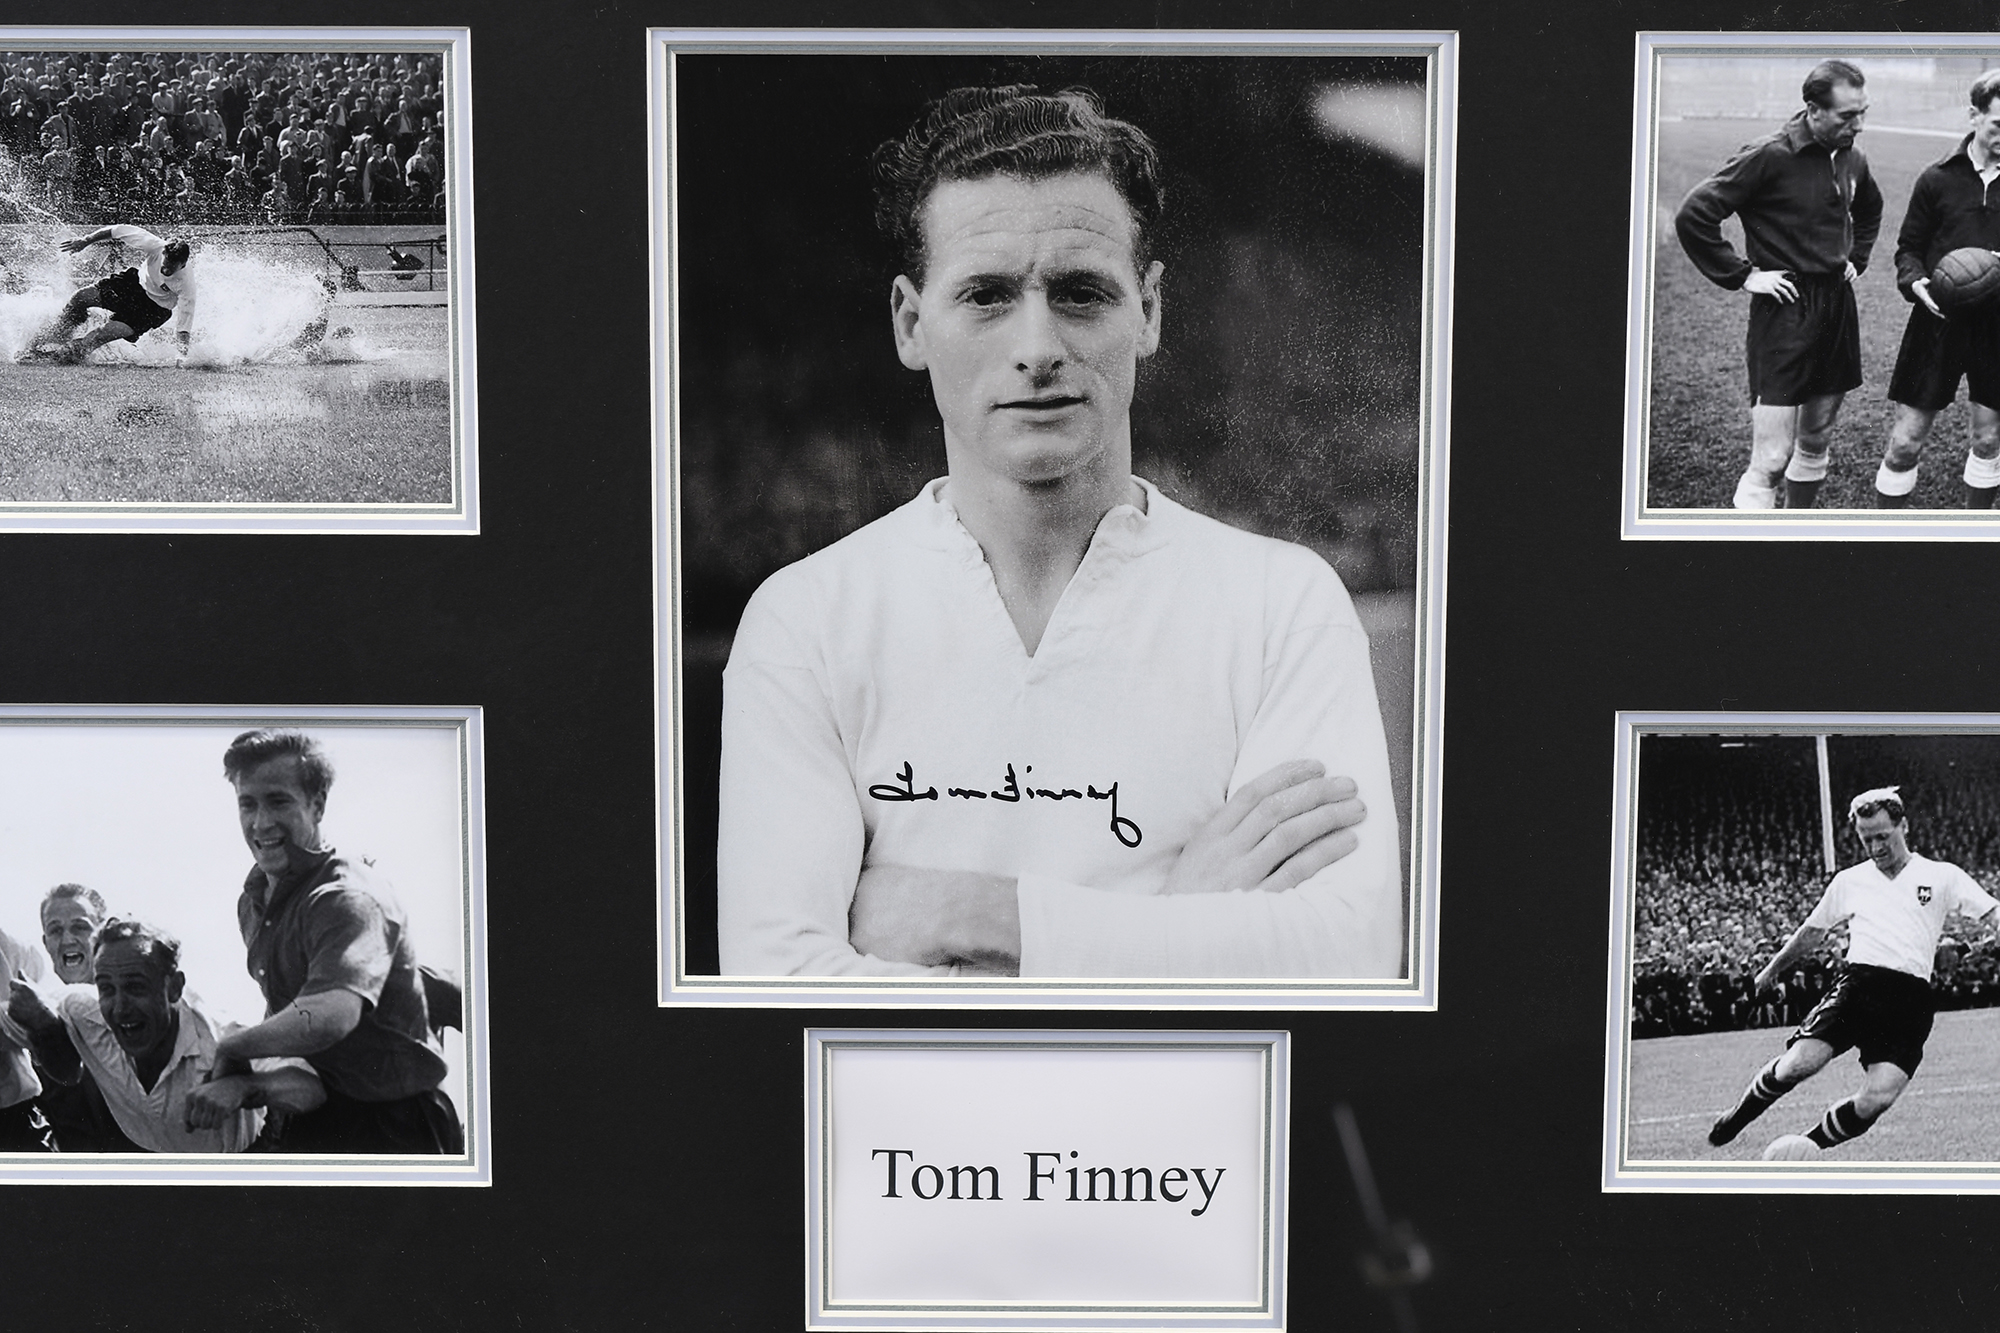 Framed Signed Tom Finney Memorabilia - Image 2 of 5